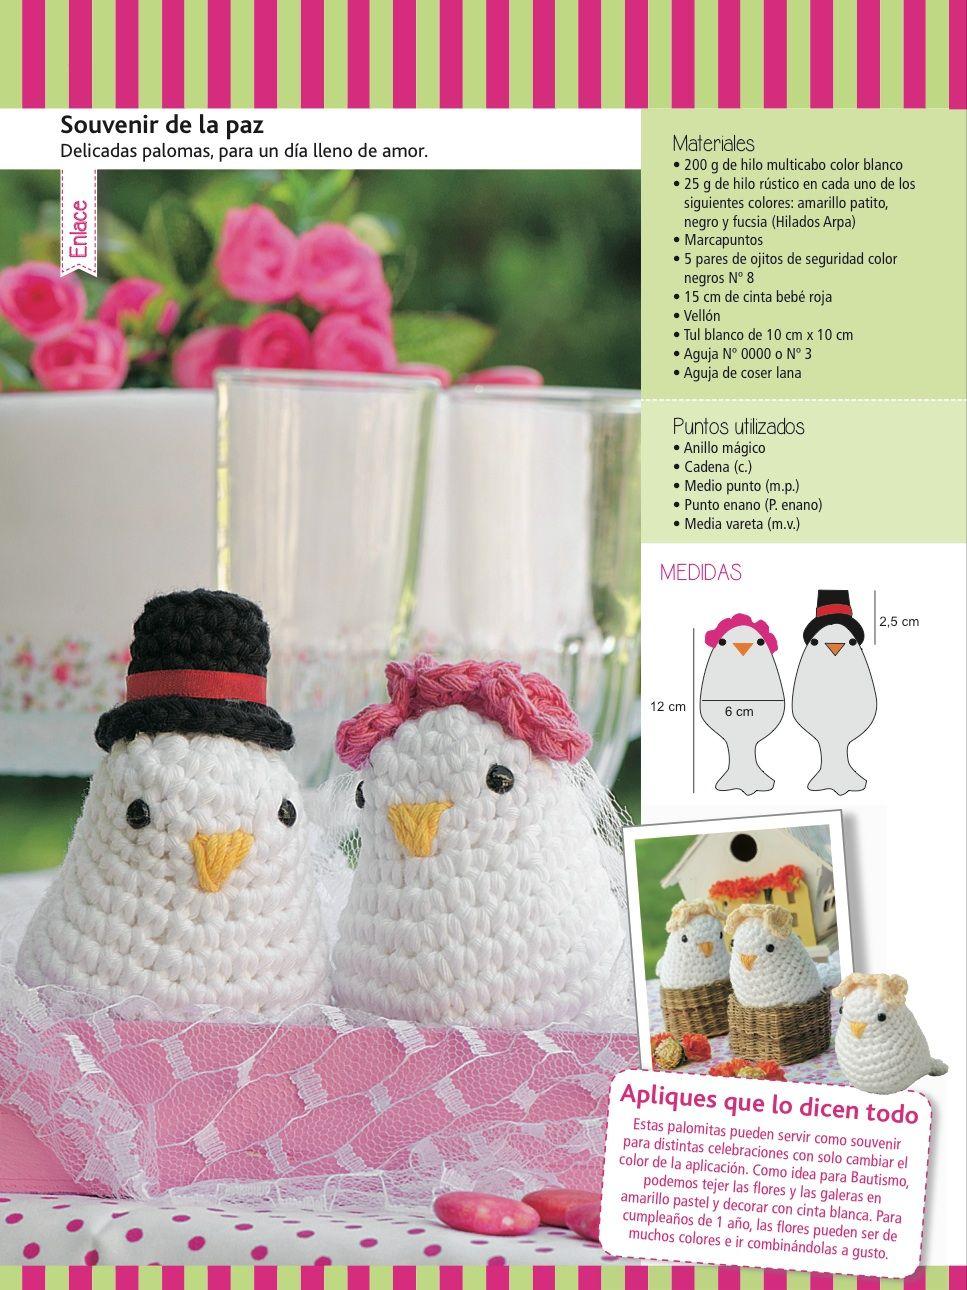 Asombroso Crochet Patrón De Cinta Bufanda Composición - Coser Ideas ...